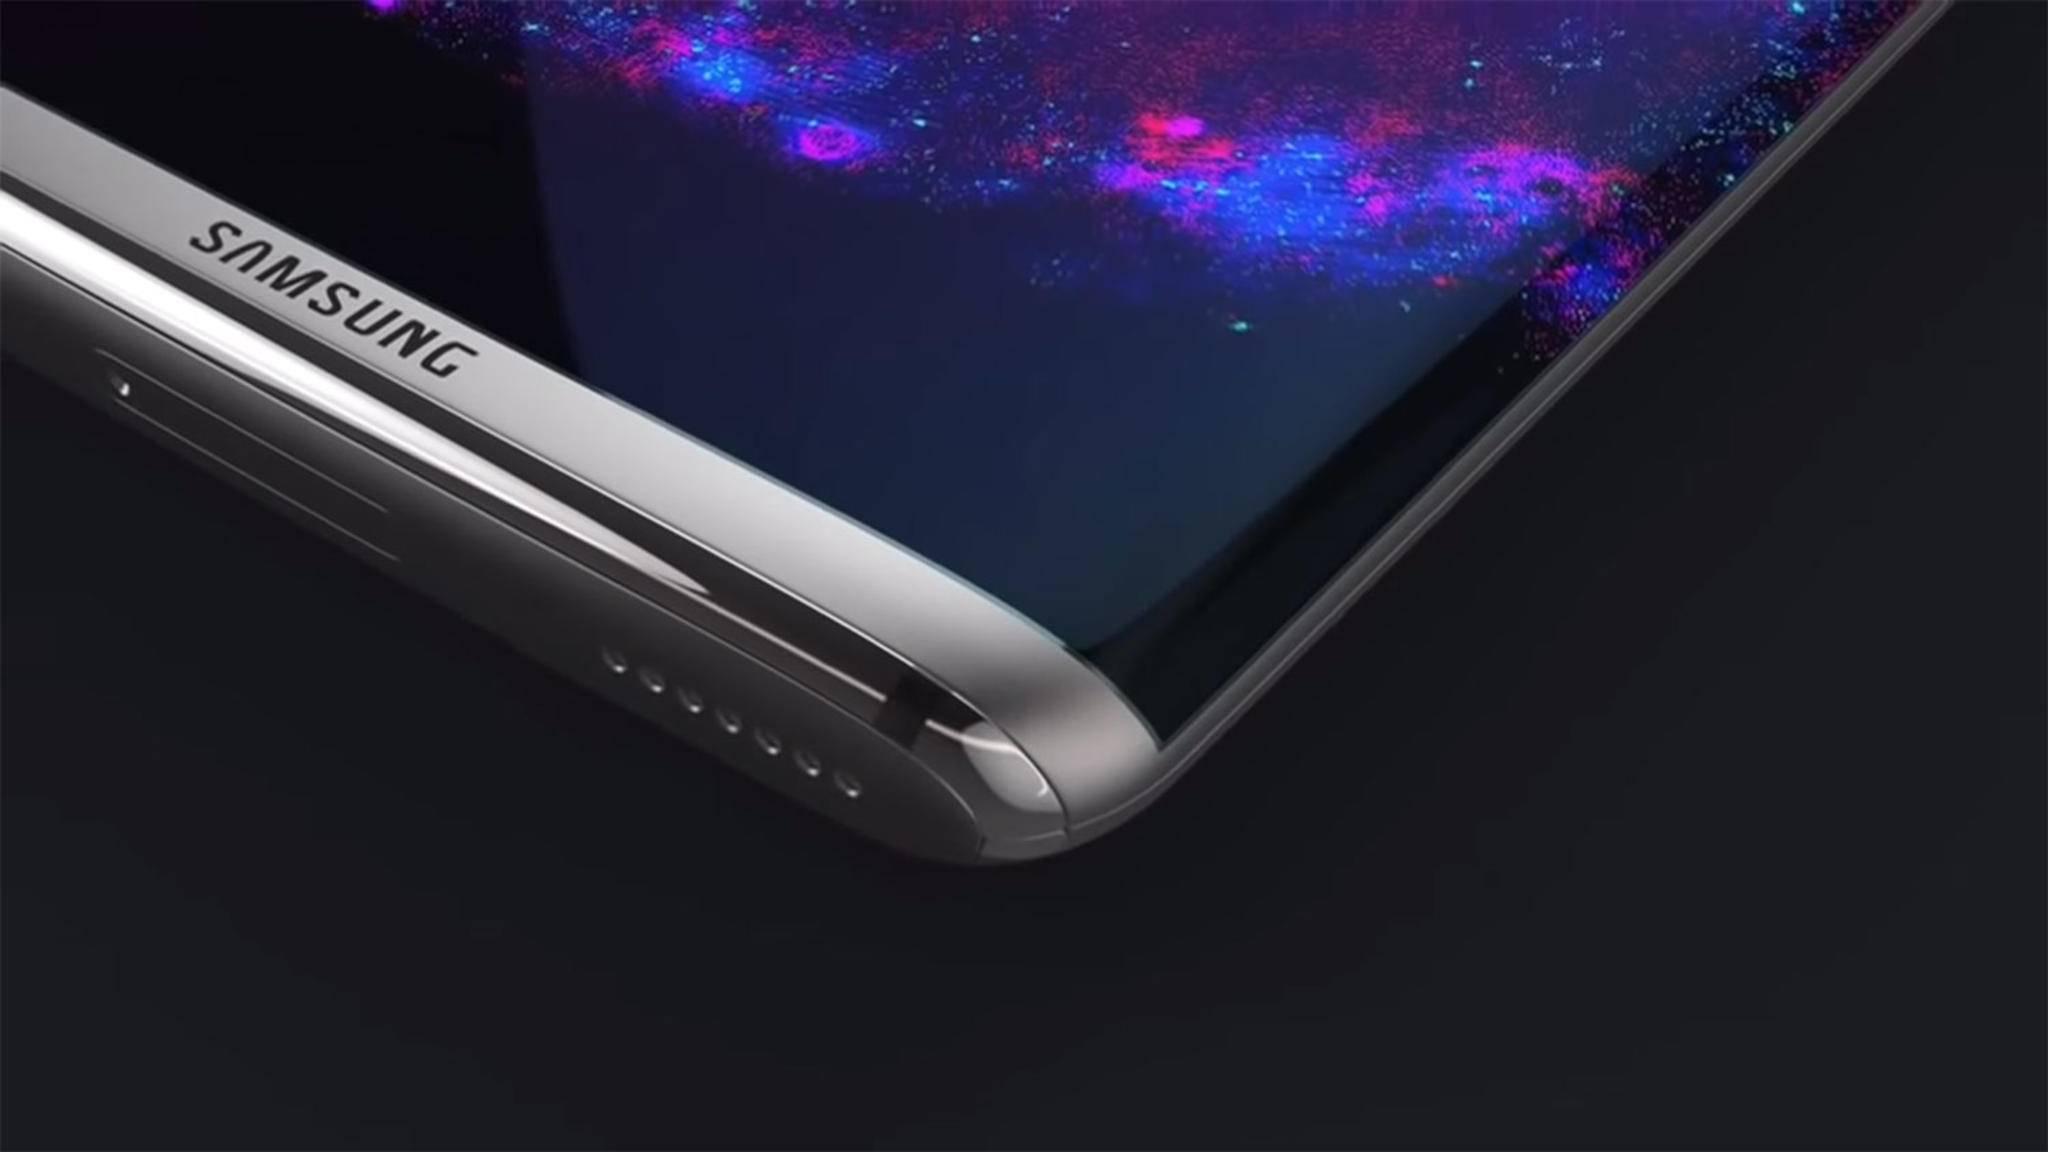 Kopfhörerbuchse beim Galaxy S8? Wohl Fehlanzeige.